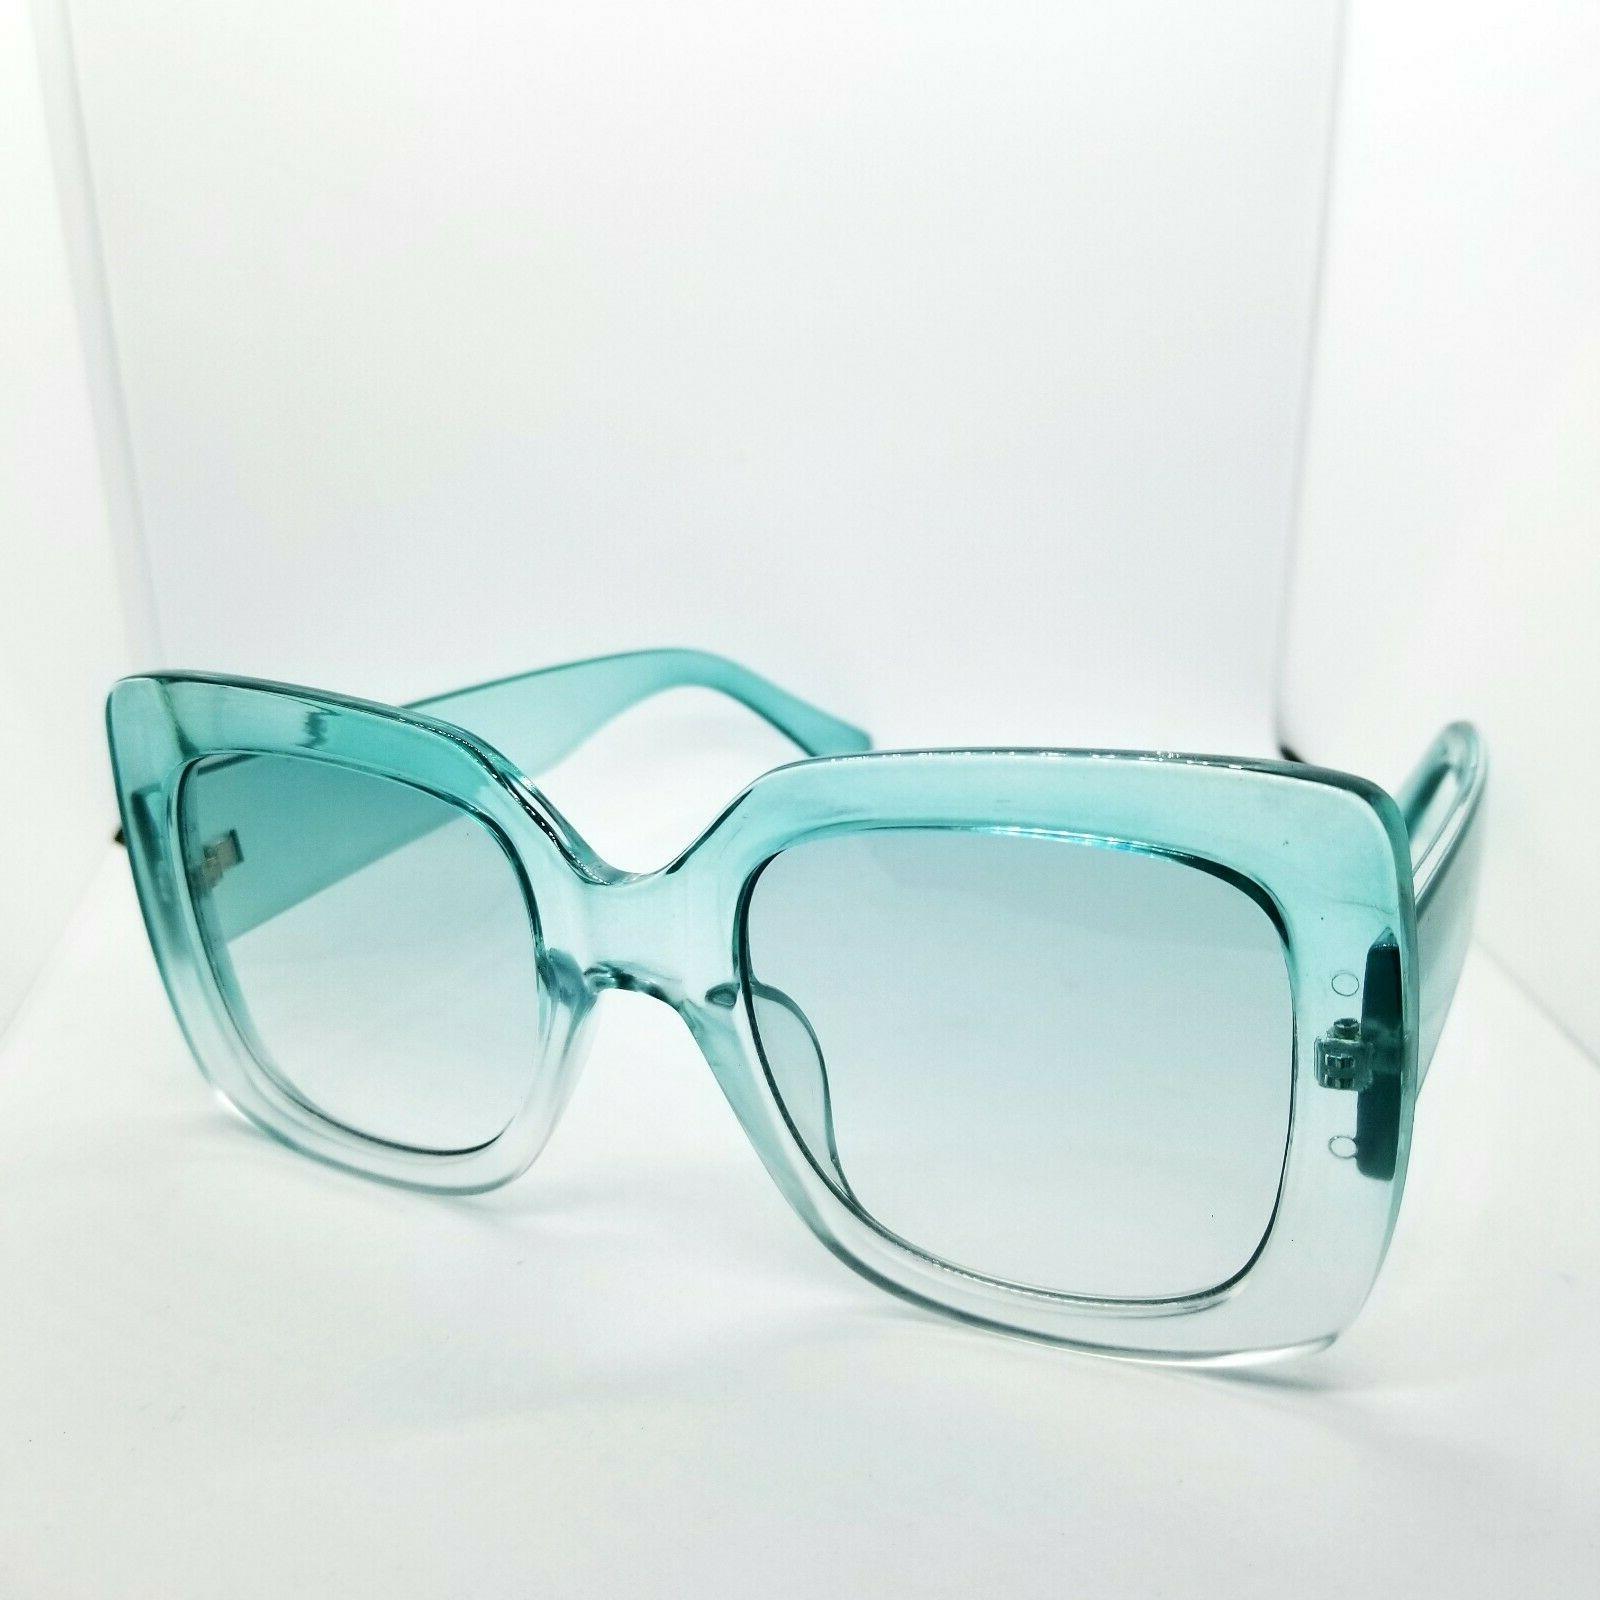 Women's Sunglasses Clear Green Acrylic Plastic Retro Fashion